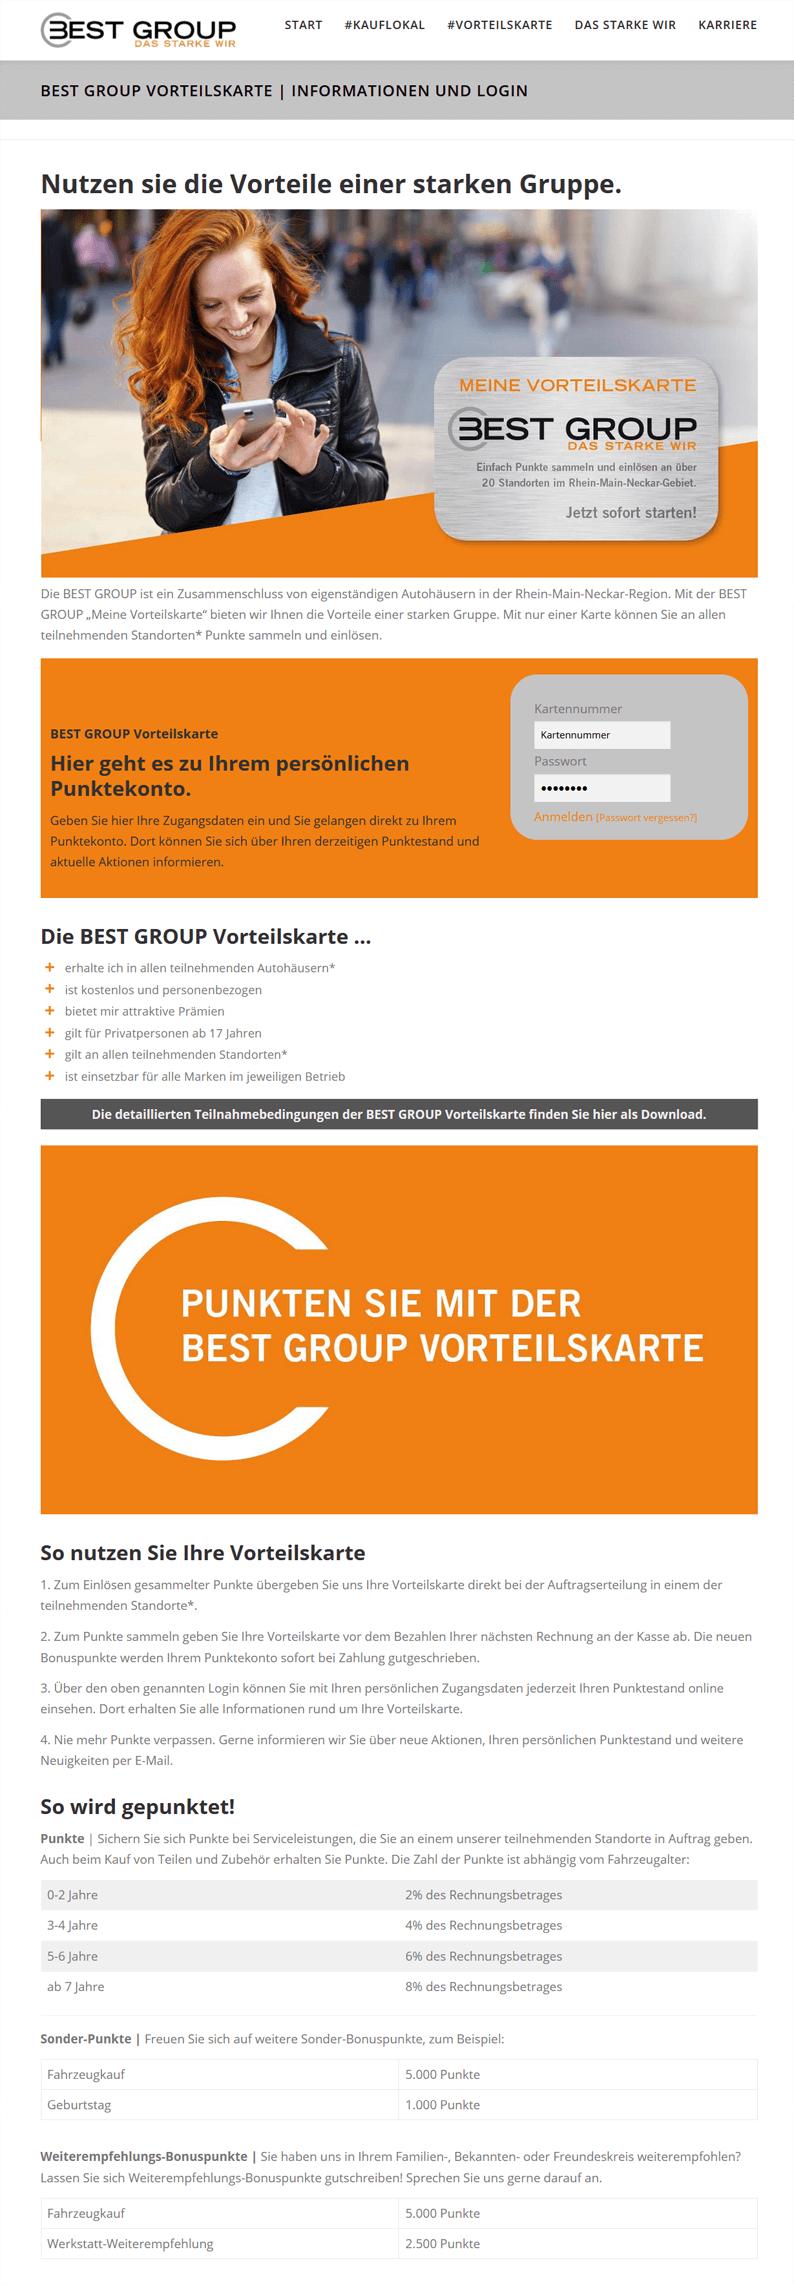 Die Vorteilskarte der Best Group auf der Webseite